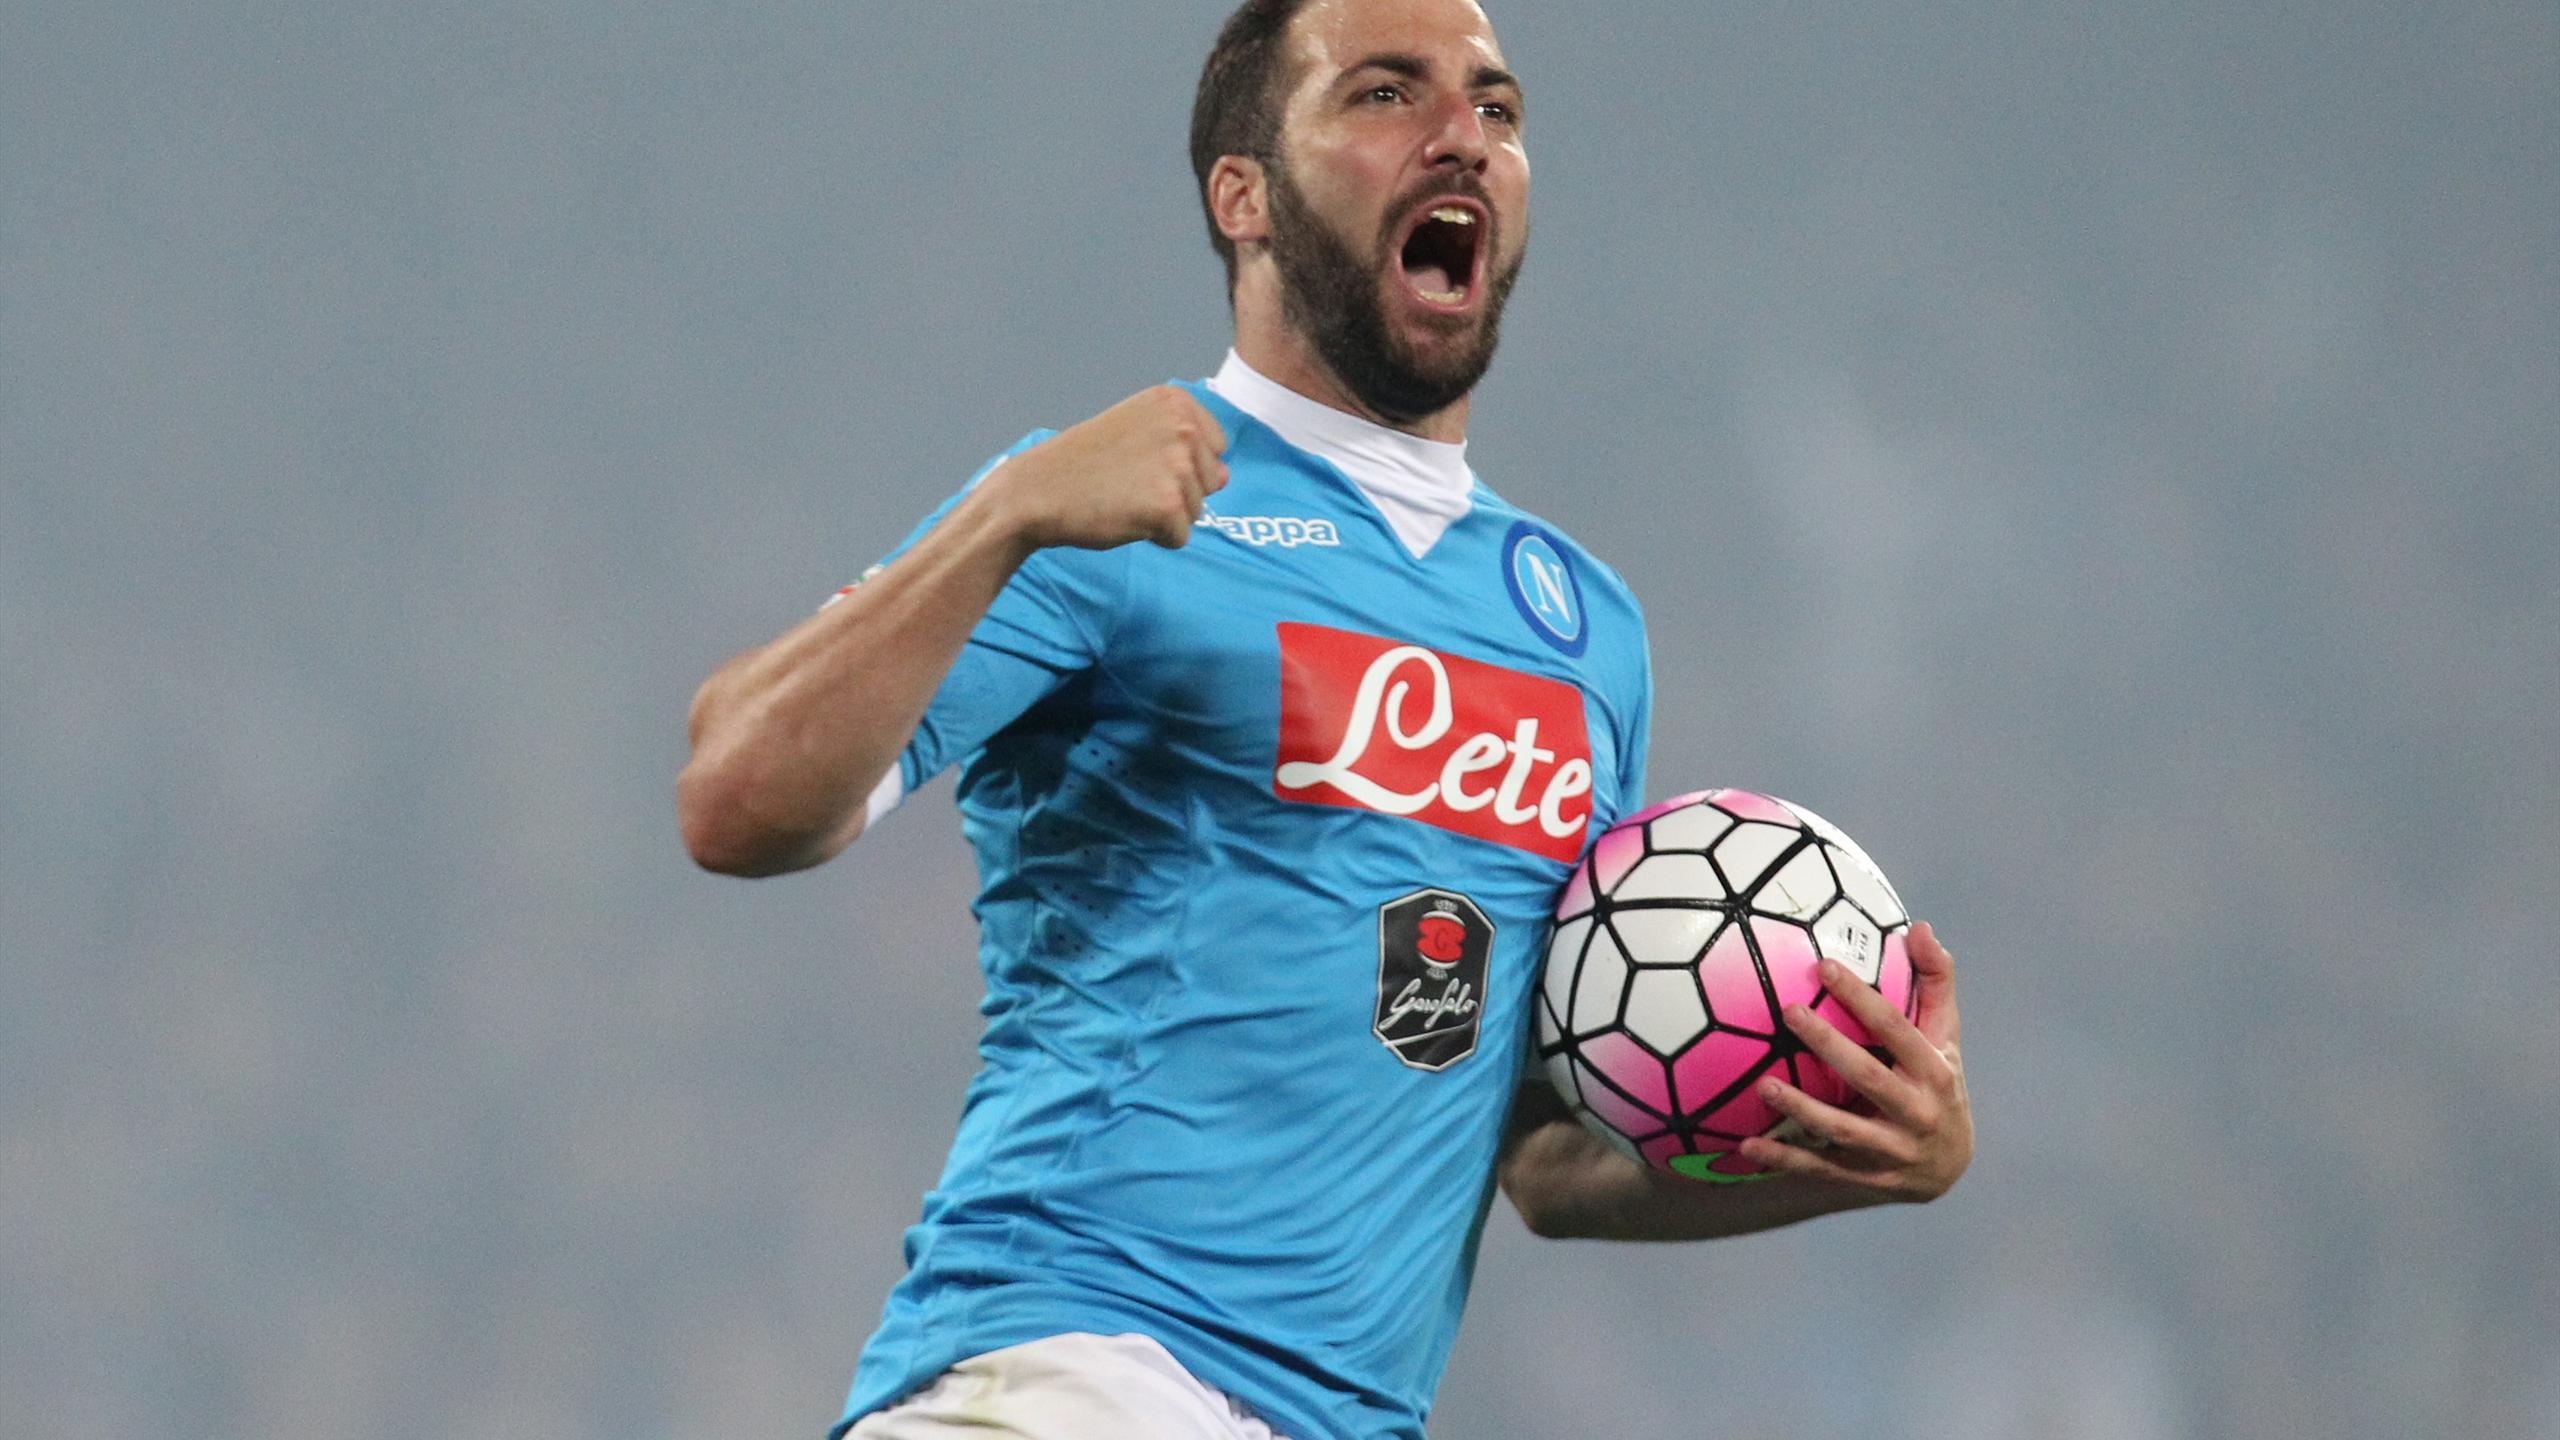 Gonzalo Higuain célèbre un but face à Frosinone en Serie A (saison 2015/2016)